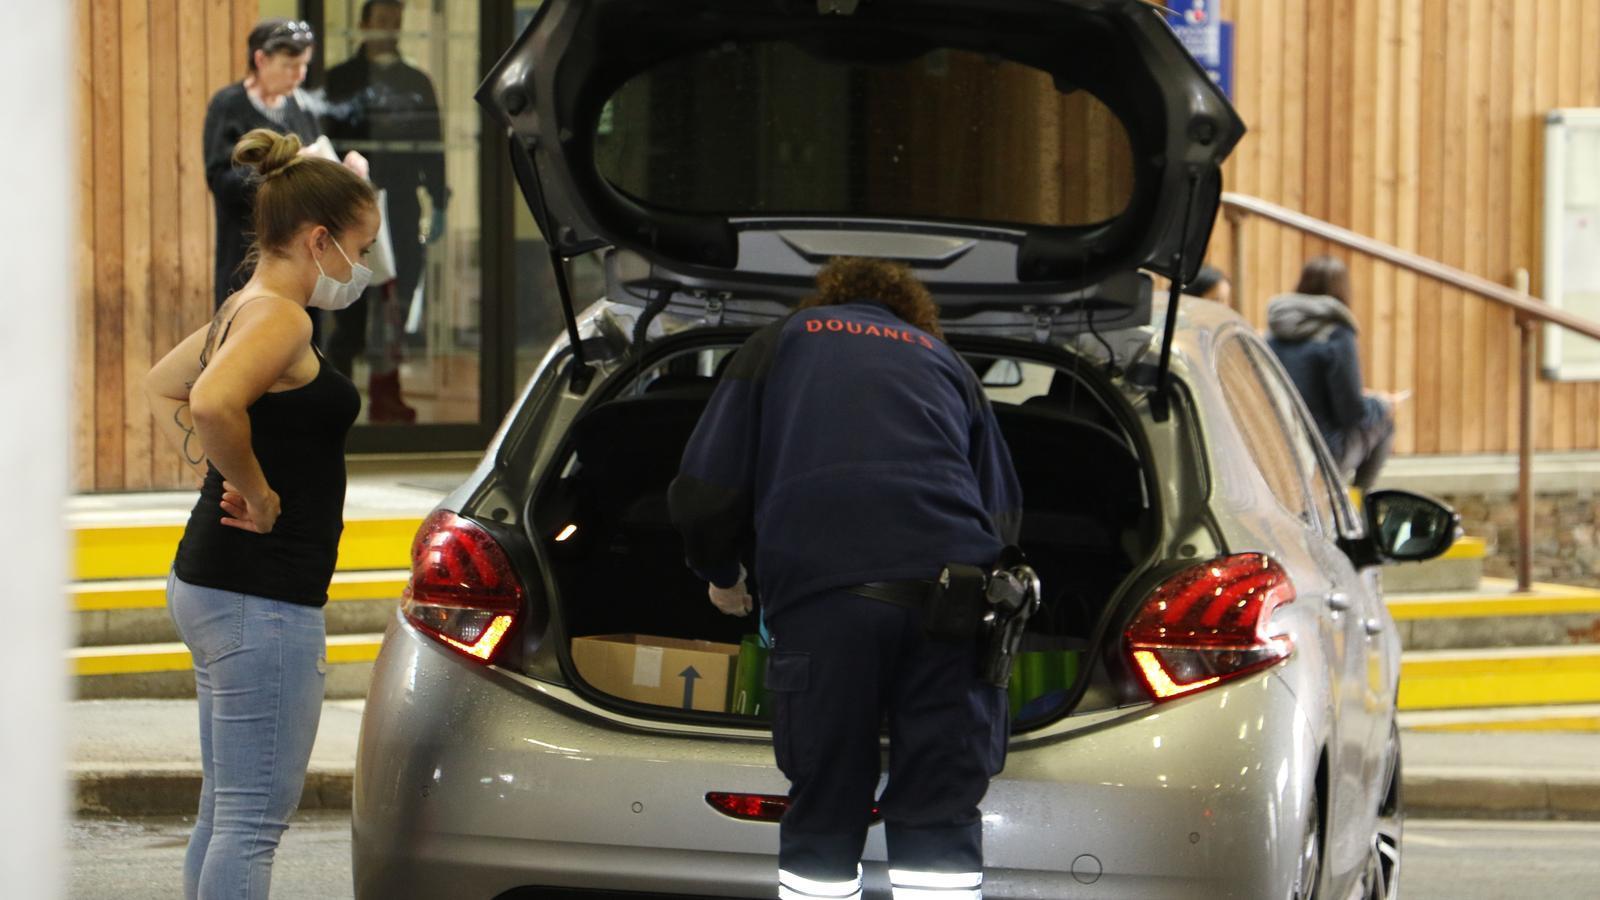 La policia francesa revisa els vehicles que creuen la frontera. / E.C. (ANA)